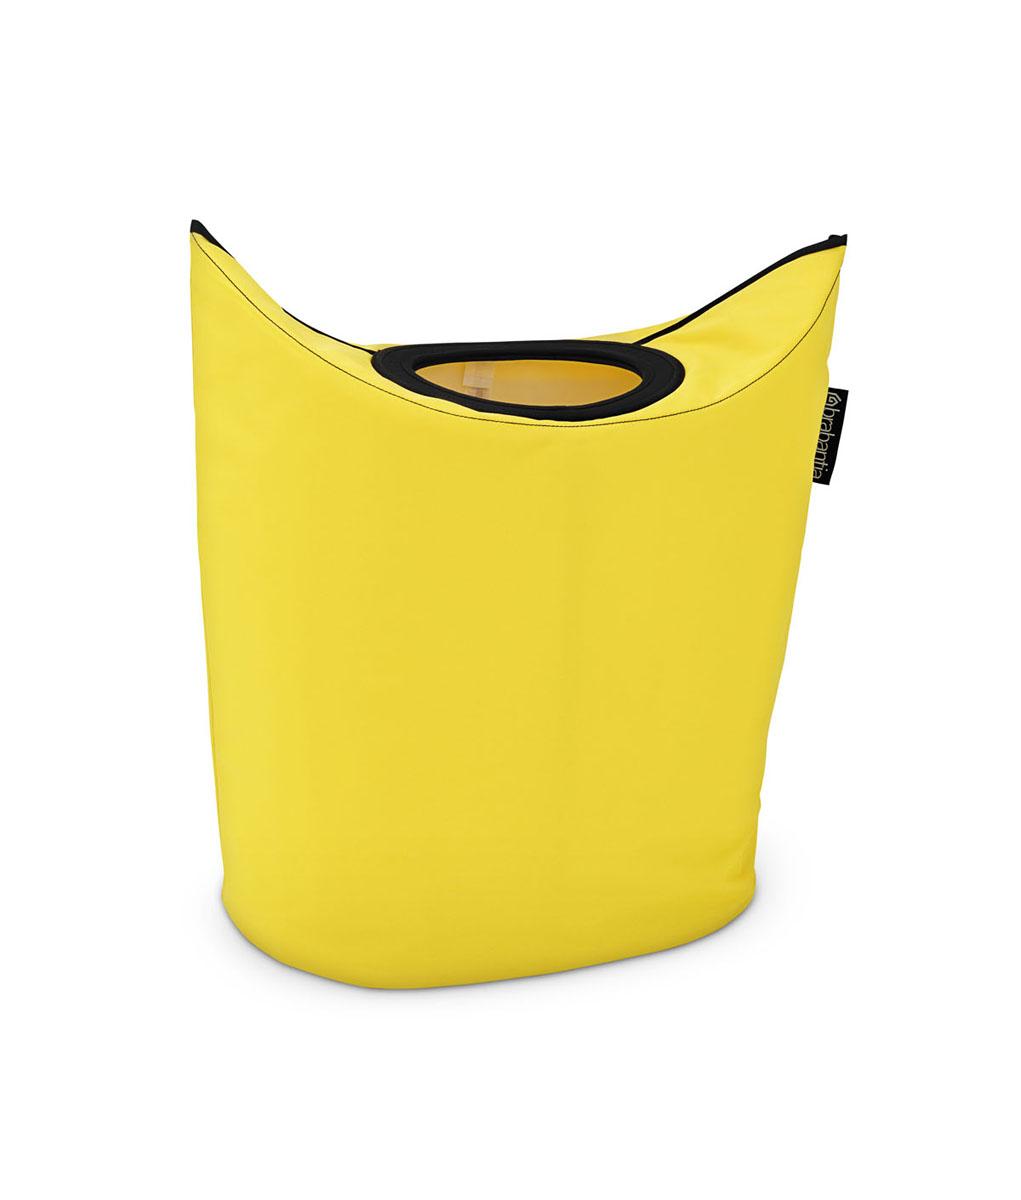 Сумка для белья Brabantia, овальная, цвет: желтый, 50 л. 101120101120Оригинальная сумка для белья экономит место и превращает вашу стирку в увлекательное занятие. С помощью складывающихся магнитных ручек сумка закрывается и превращается в корзину для белья с загрузочным отверстием. Собрались стирать? Поднимите ручки, и ваша сумка готова к использованию. Загрузочное отверстие для быстрой загрузки белья просто сложите магнитные ручки.Большие удобные ручки для переноски. Удобно загружать белье в стиральную машину - большая вместимость и широкое отверстие. 2 года гарантии Brabantia.